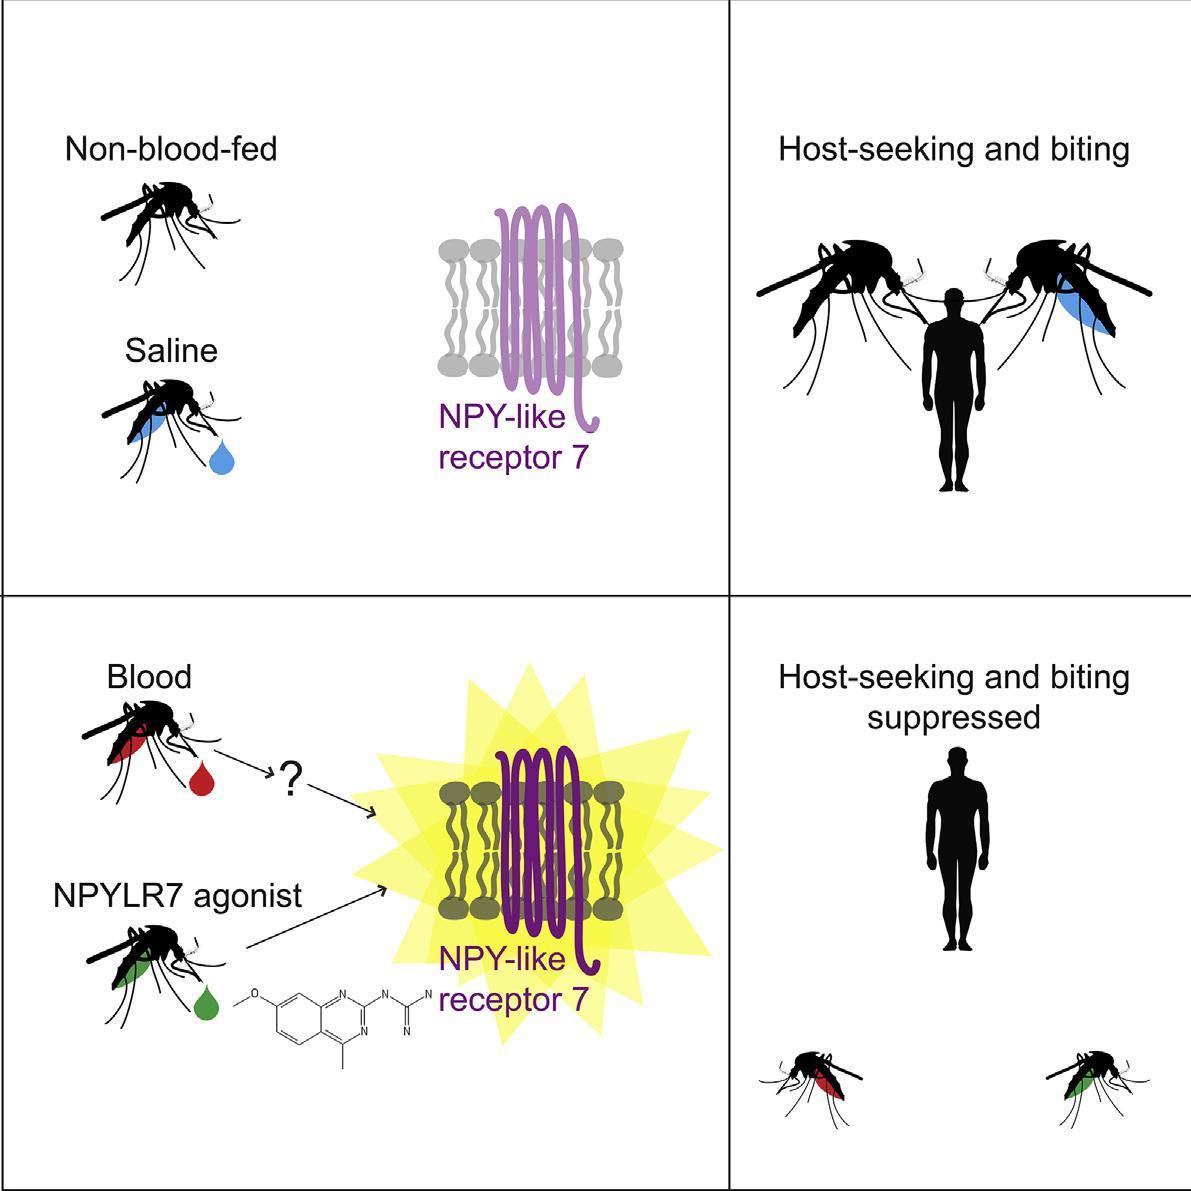 Биологи отключили комарам аппетит